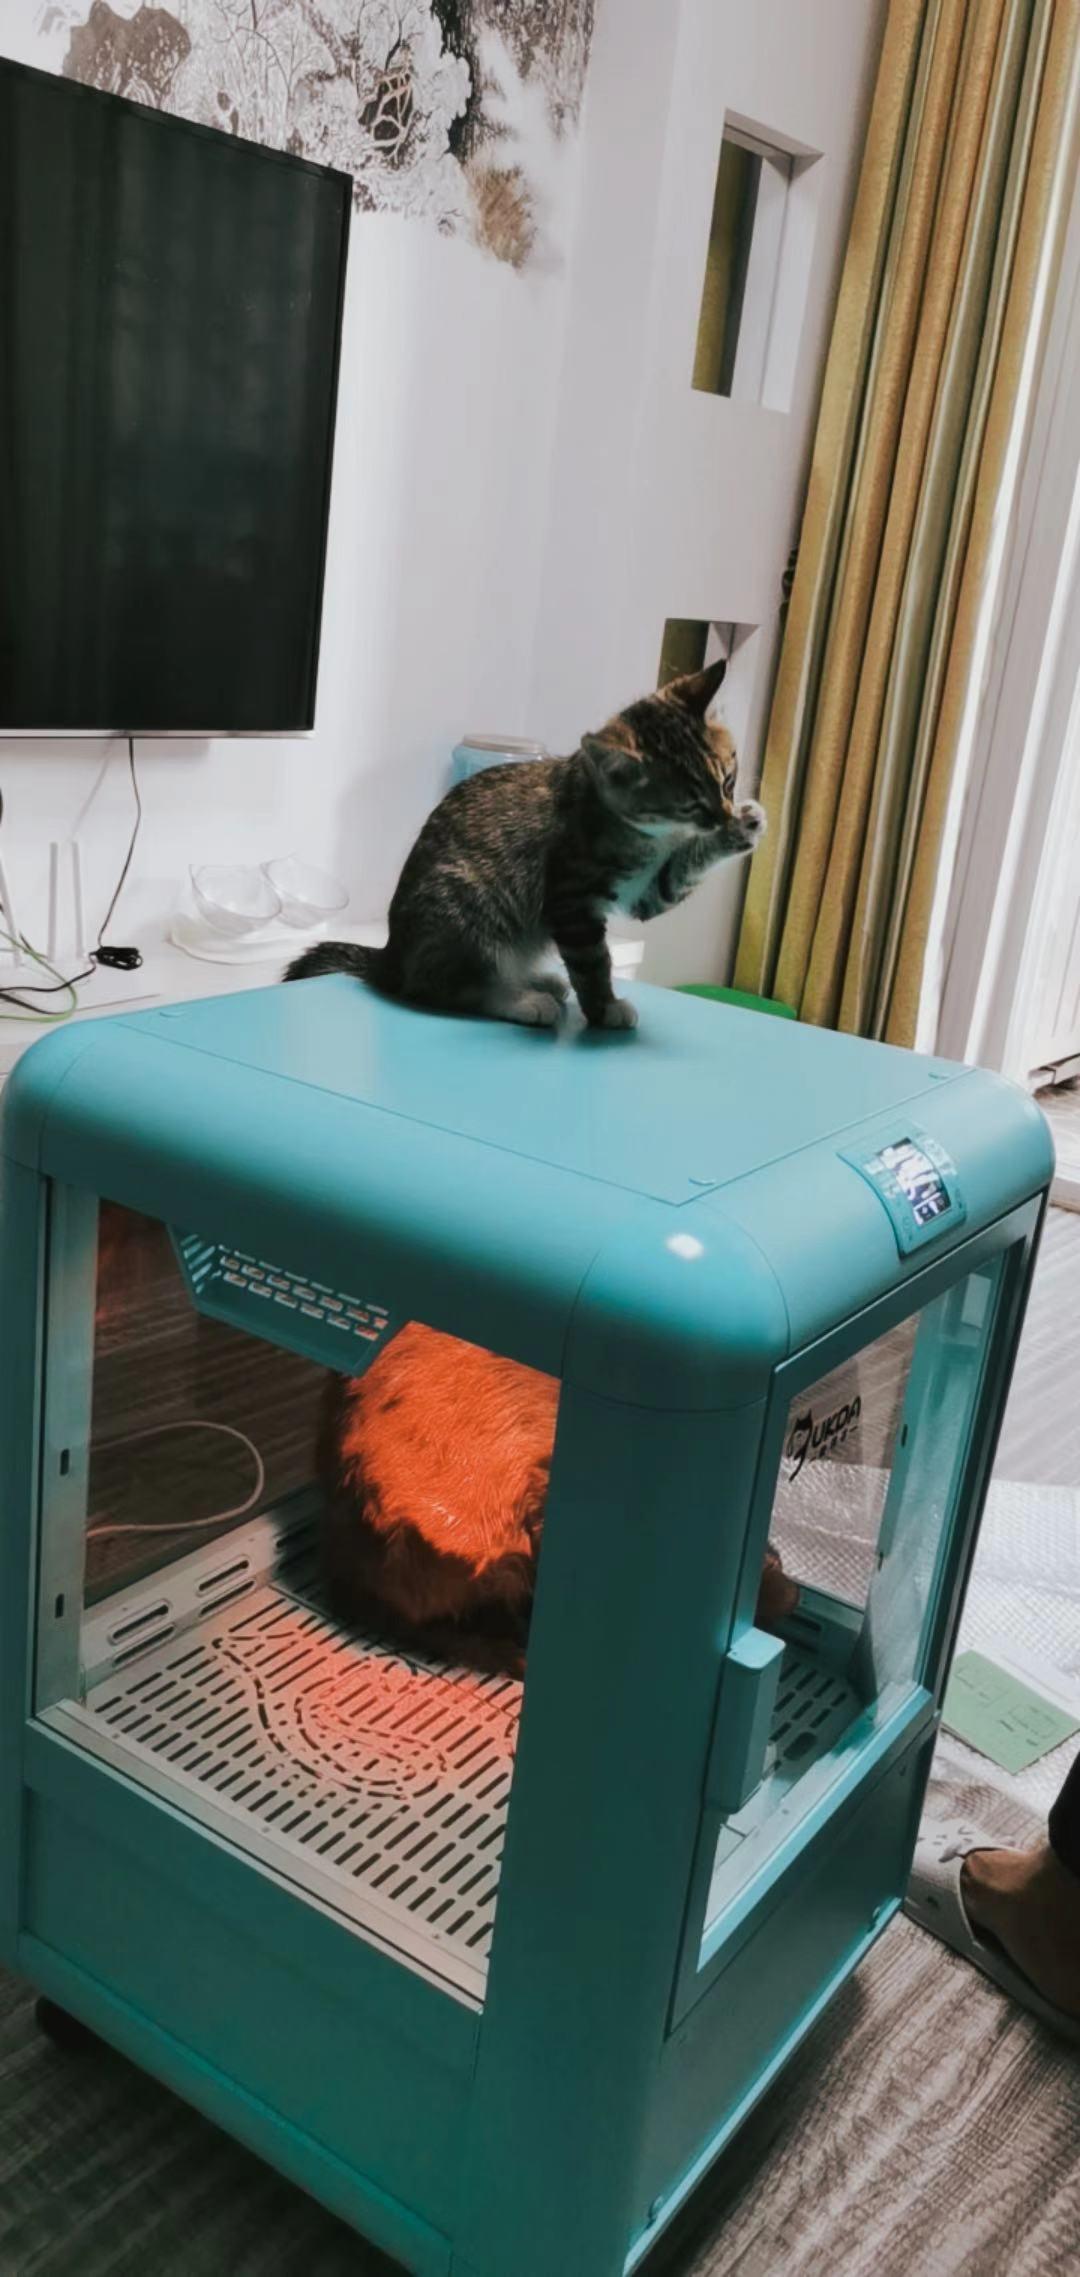 让猫咪爱上洗澡的宠物烘干机,吹干快还静音!